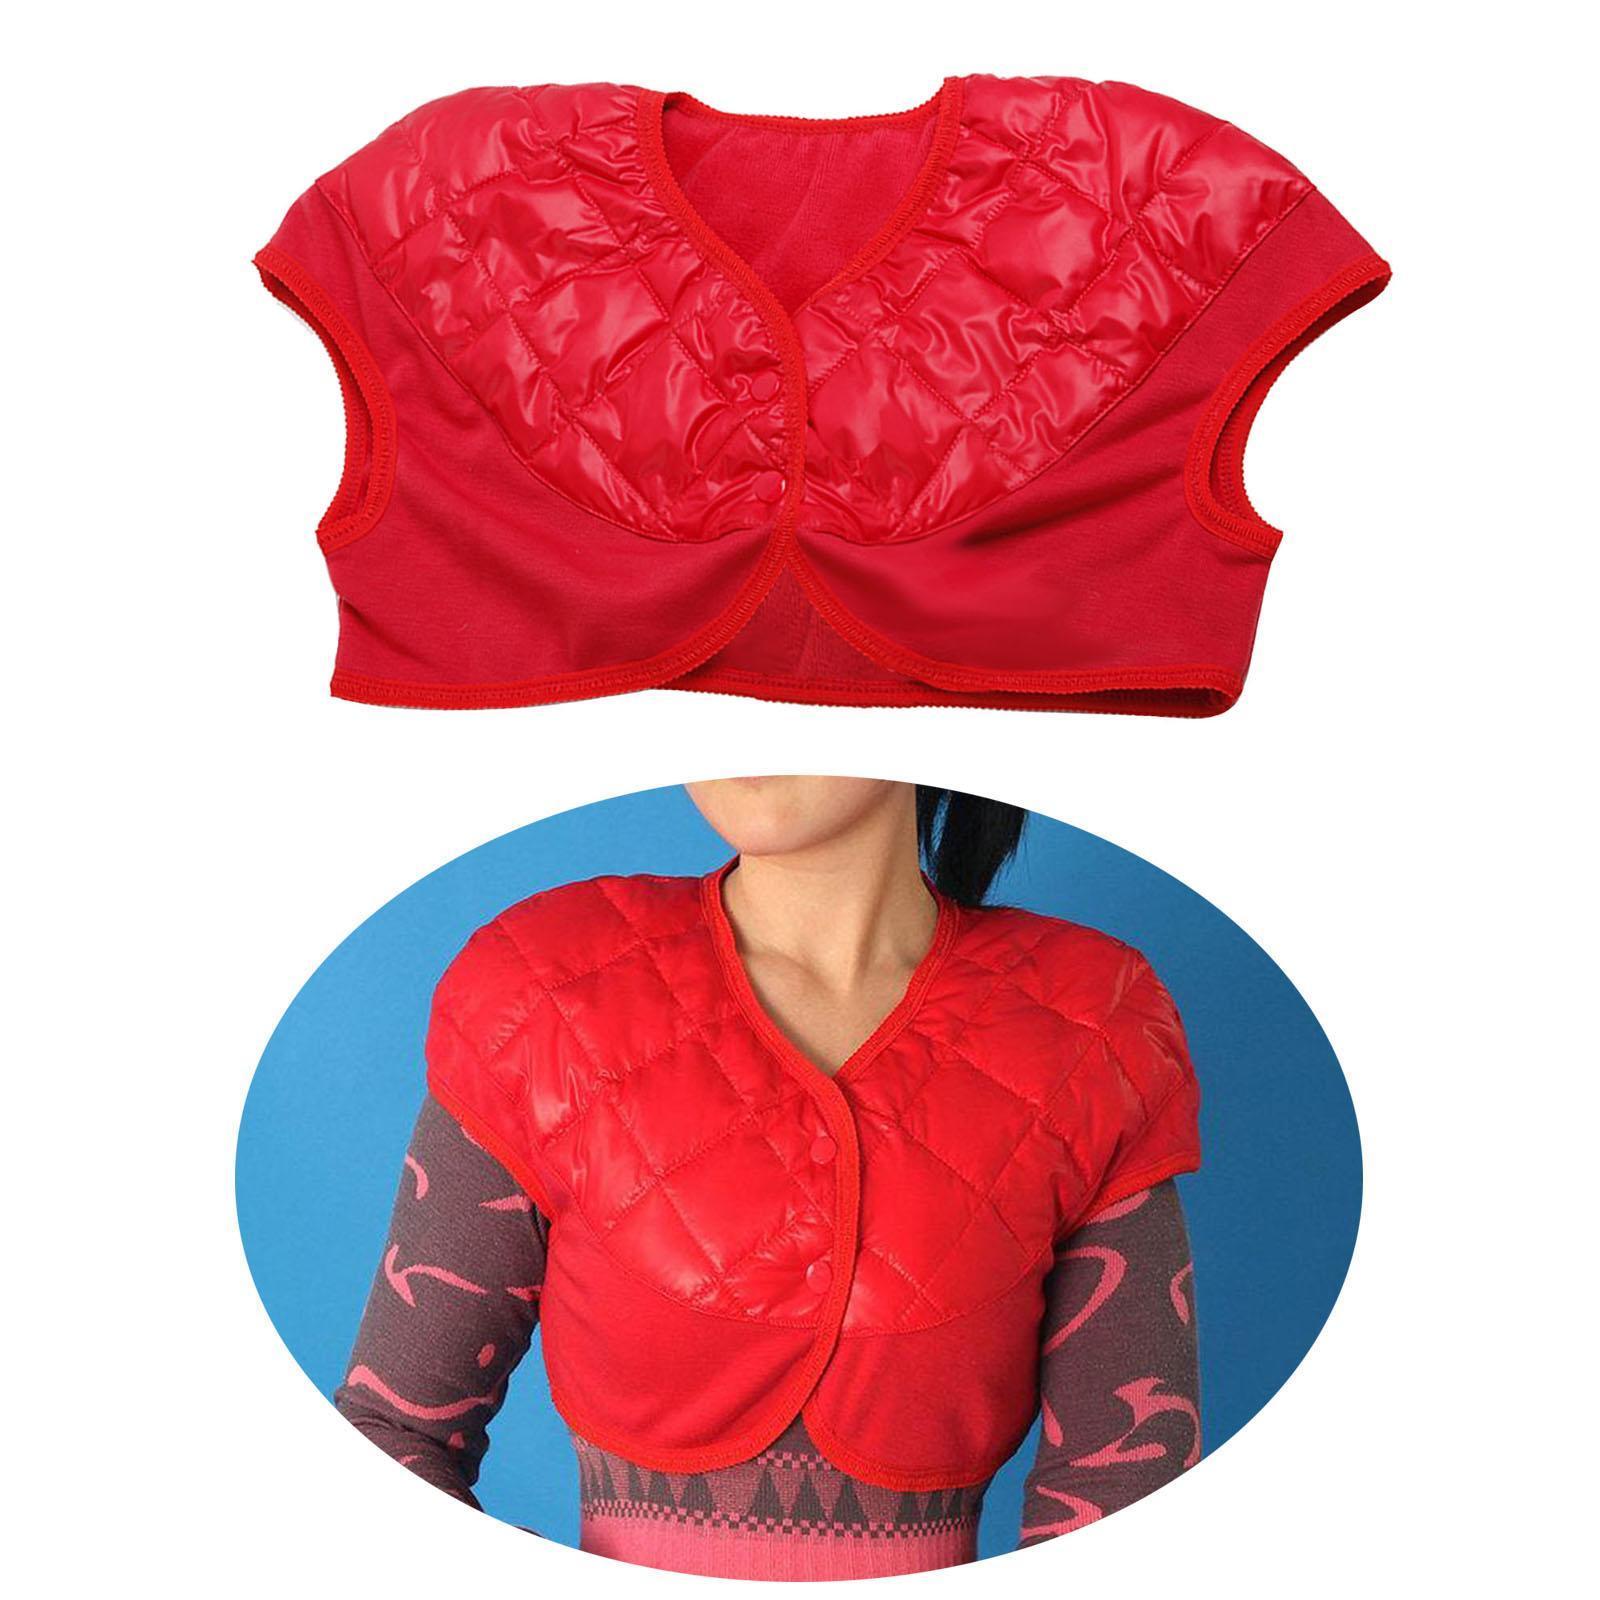 Femmes-Hommes-Down-Jacket-Chaud-Manteau-Court-Epaule-Chaud-Thermique-Wrap miniatura 25